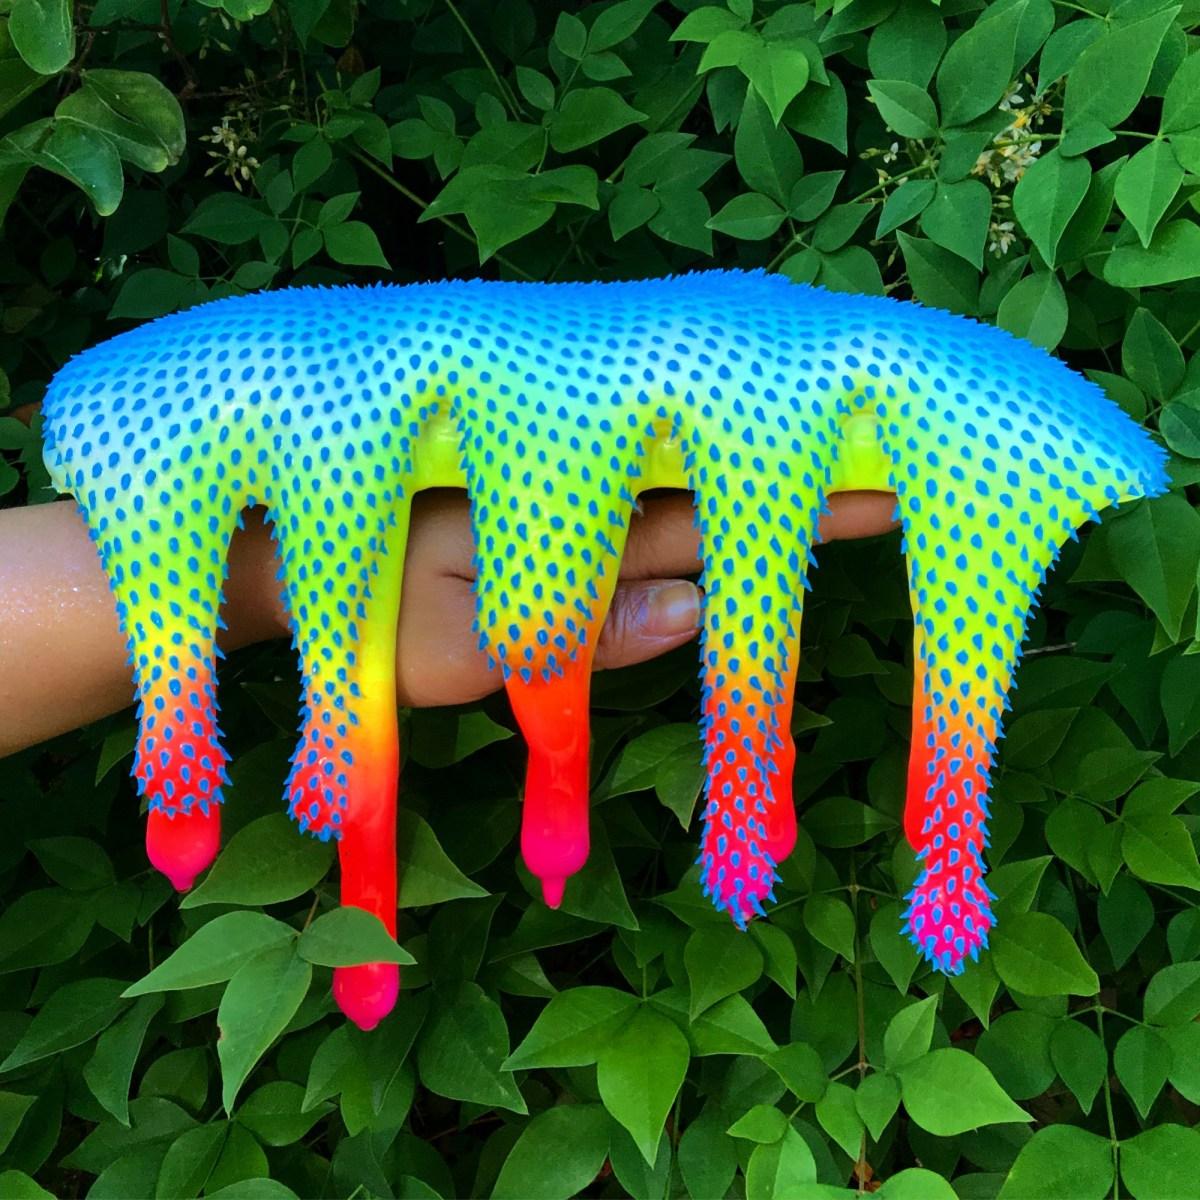 Dan Lam's Neon Alien Blob Sculptures